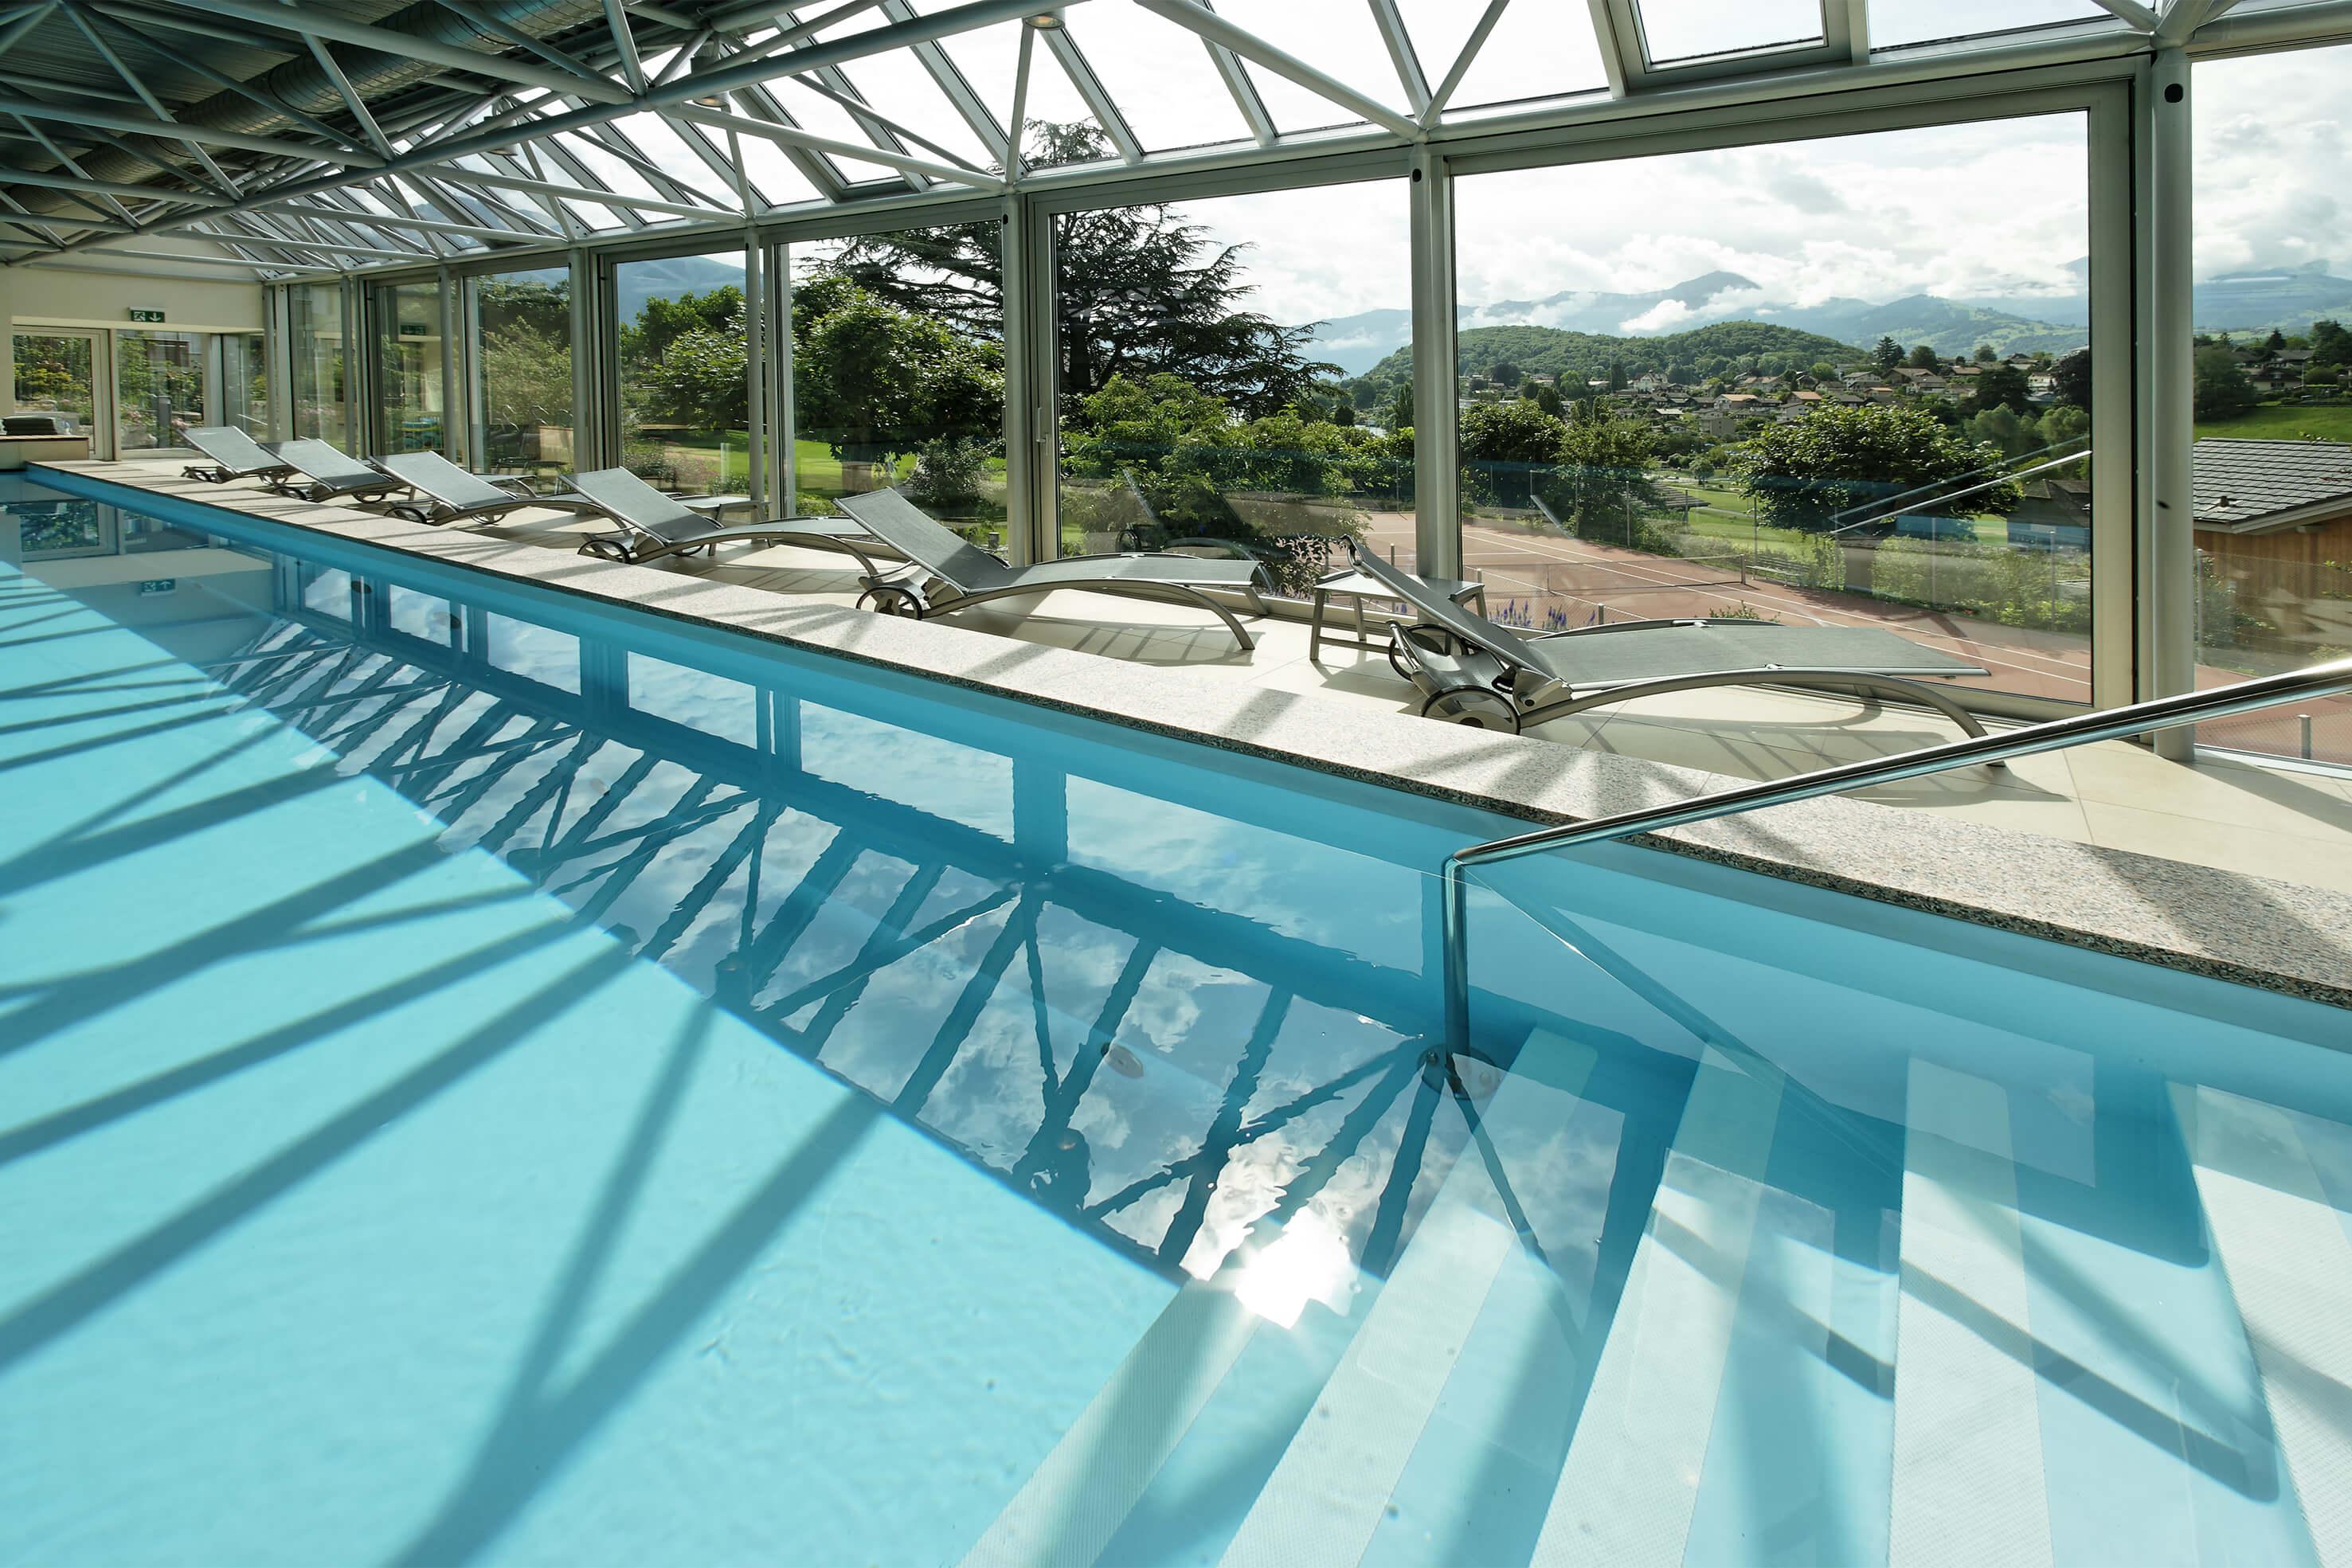 hotel-eden-wellness-panorama-hallenbad-spiez.jpg